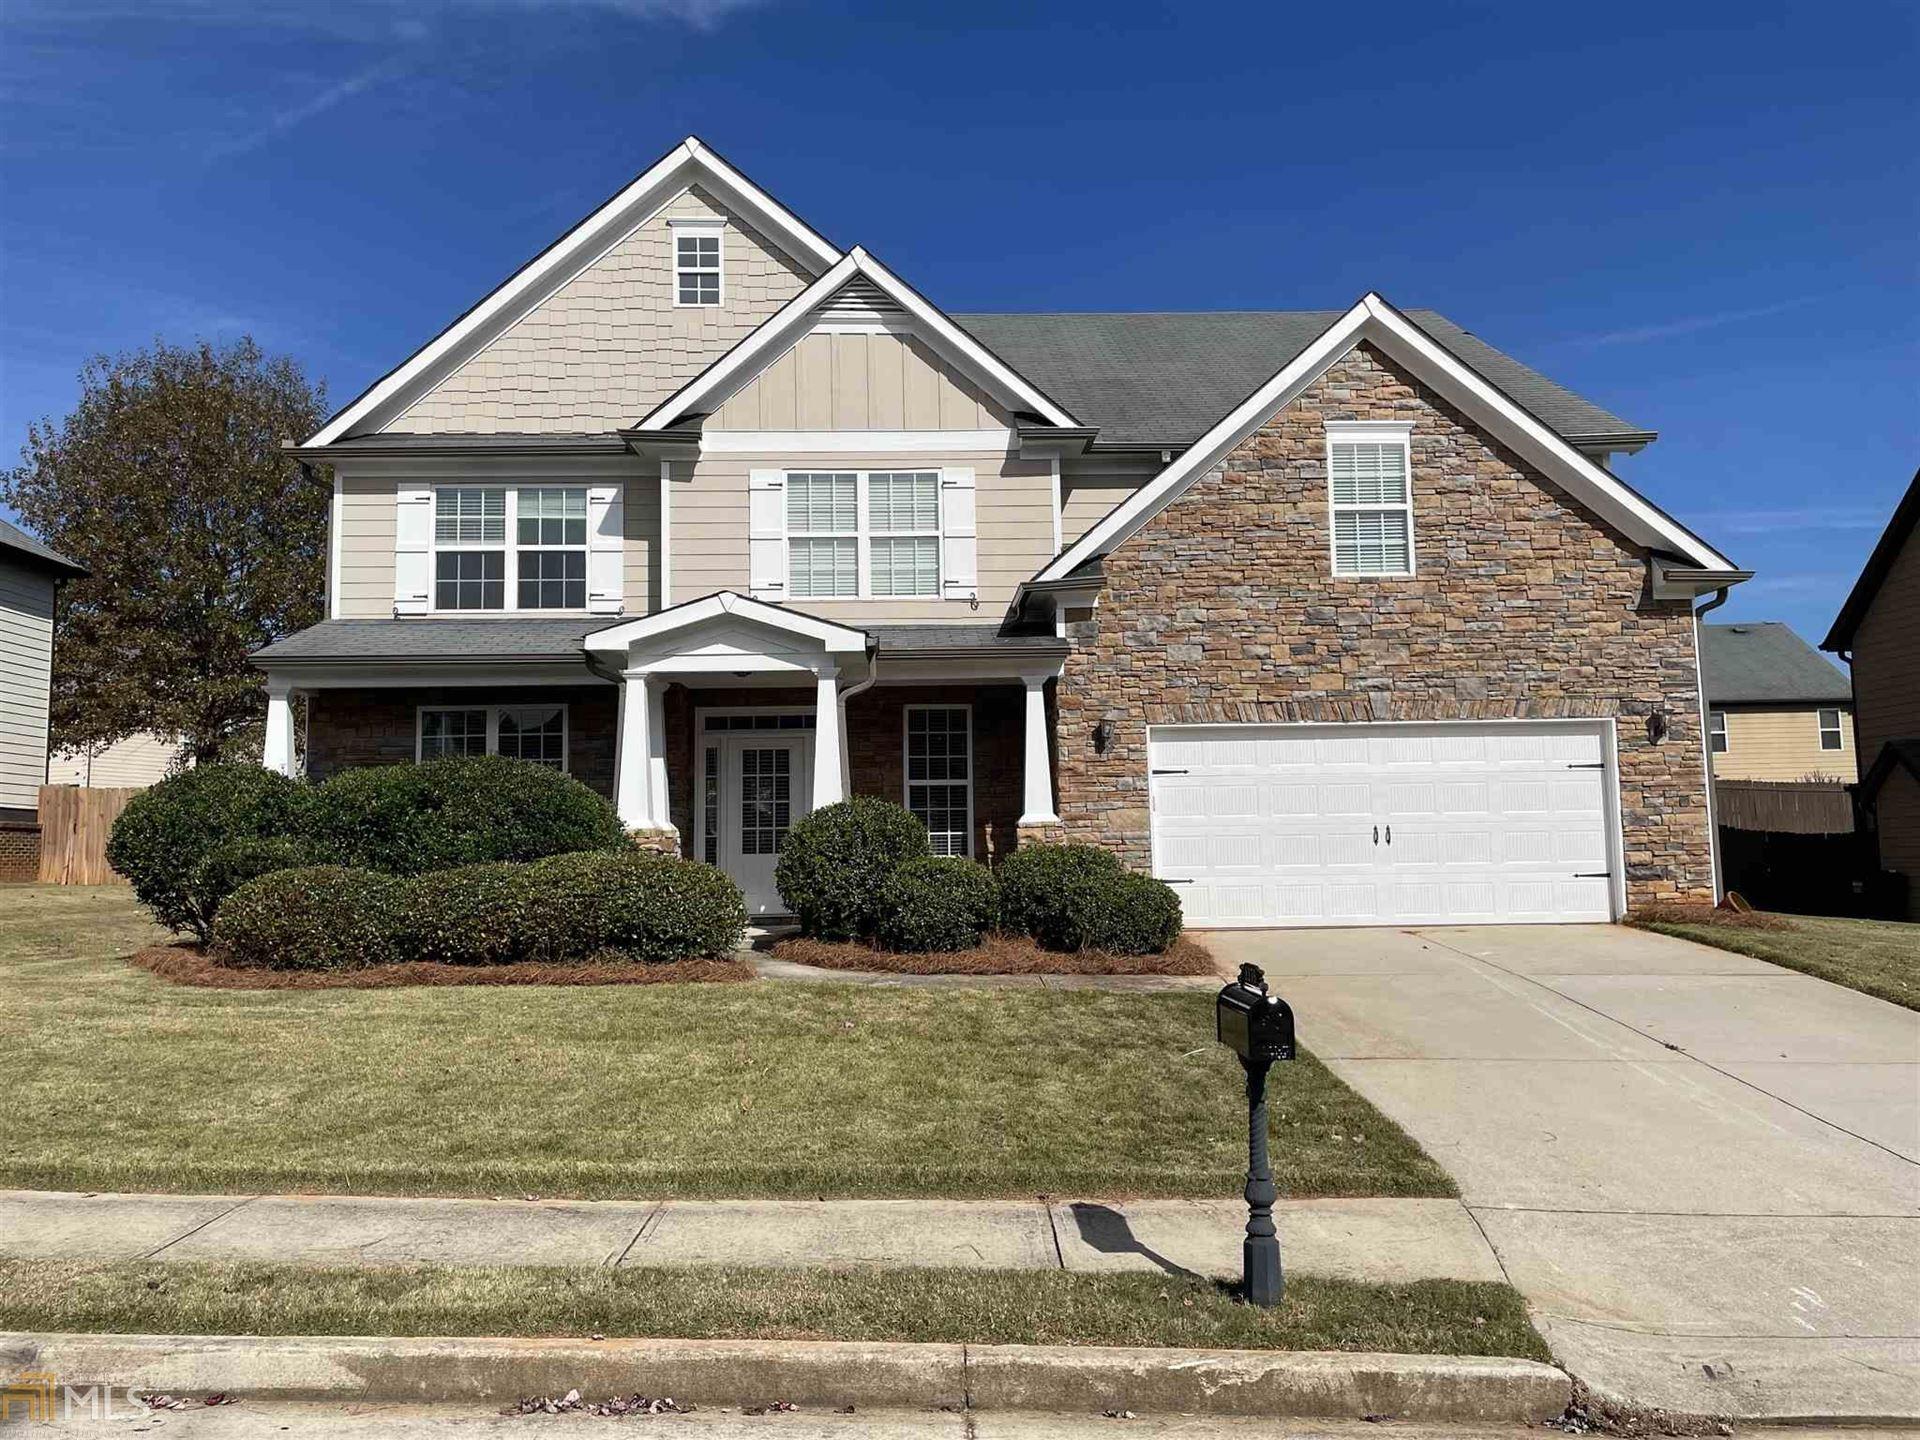 2276 Park Manor Ln, Snellville, GA 30078 - MLS#: 8885133